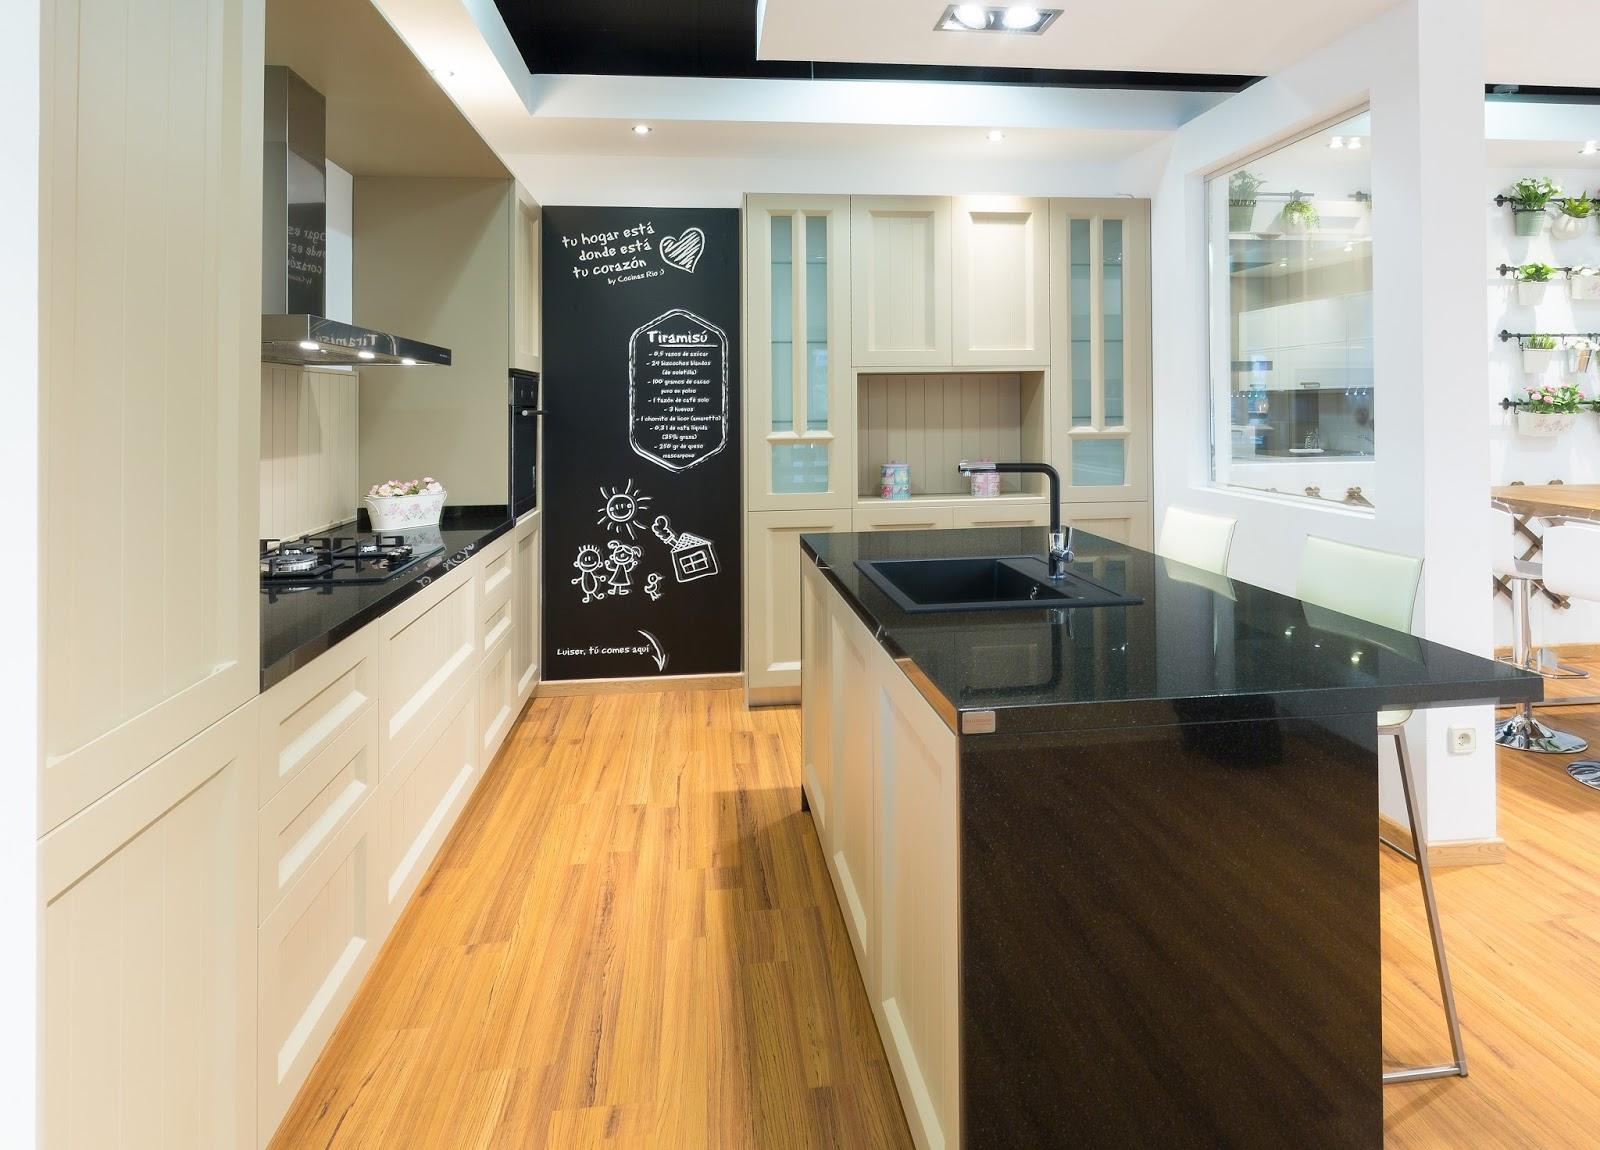 Deco] La cocina actual, diseños abiertos y funcionales – Virlova Style